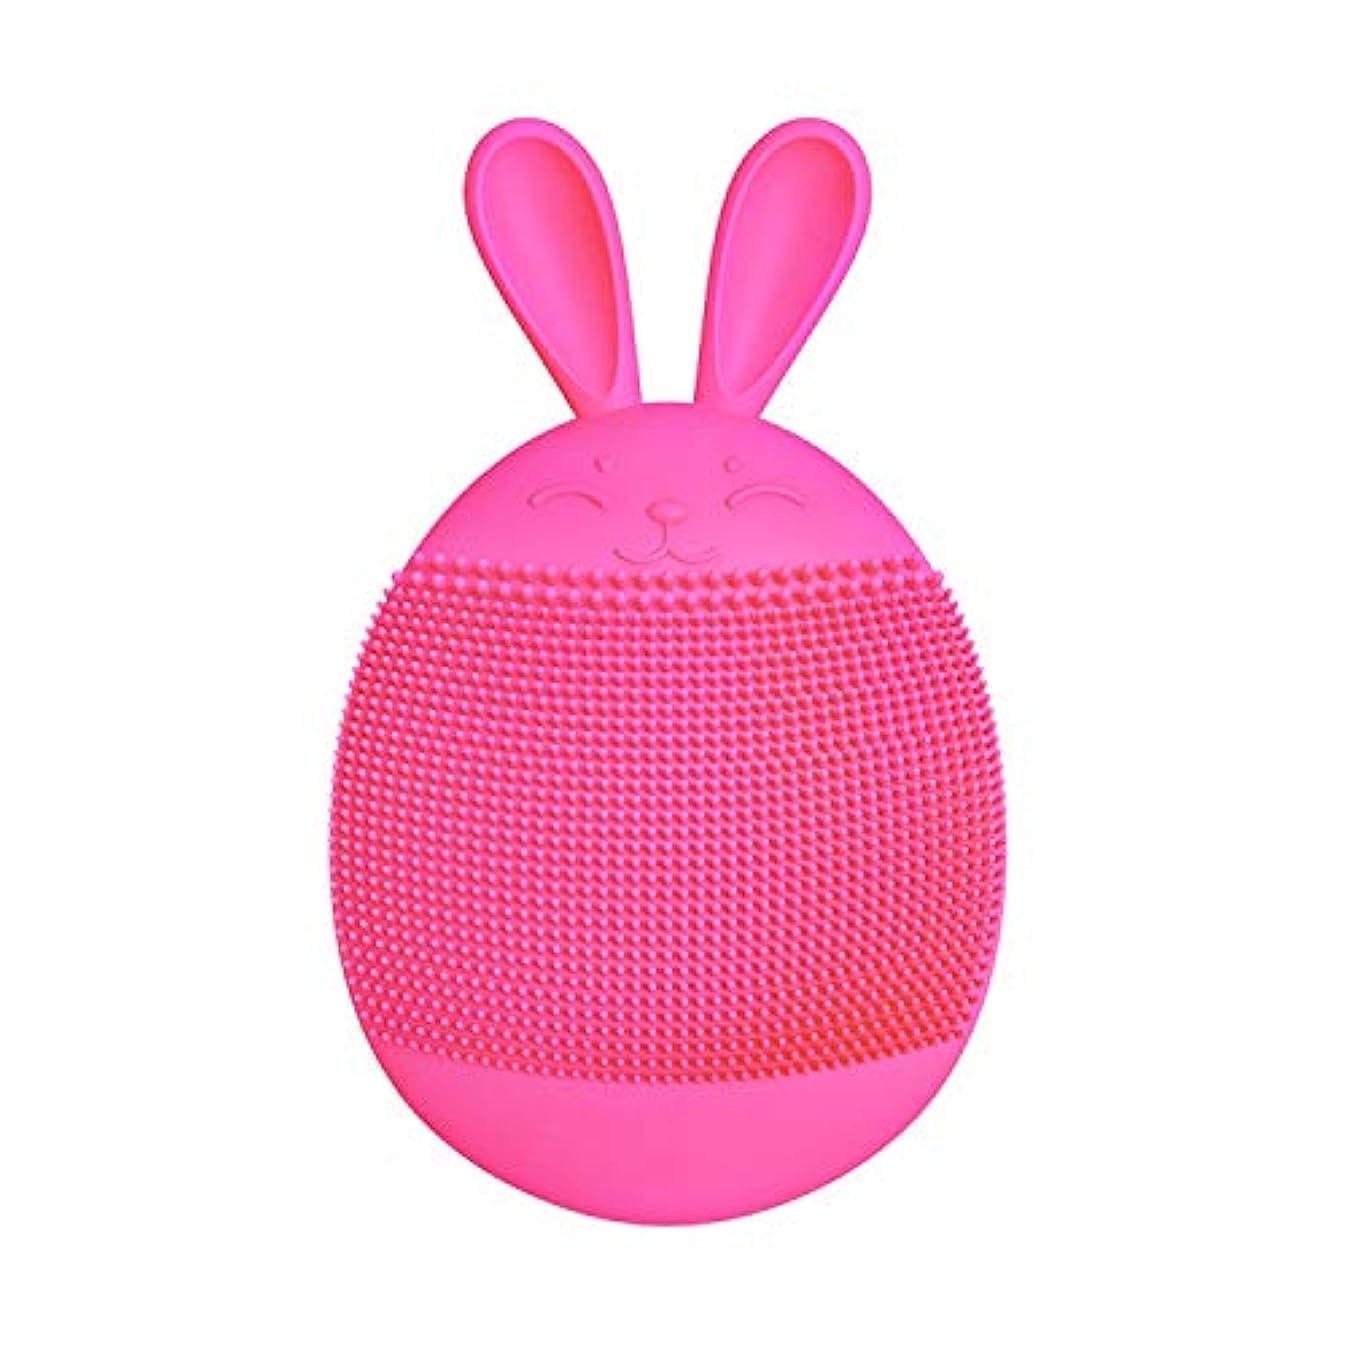 傾向がある男やもめトリクルクレンジングブラシ、シリコンハンドヘルド電動クレンジング楽器多機能ポータブル洗顔美容器具(ピンク),D